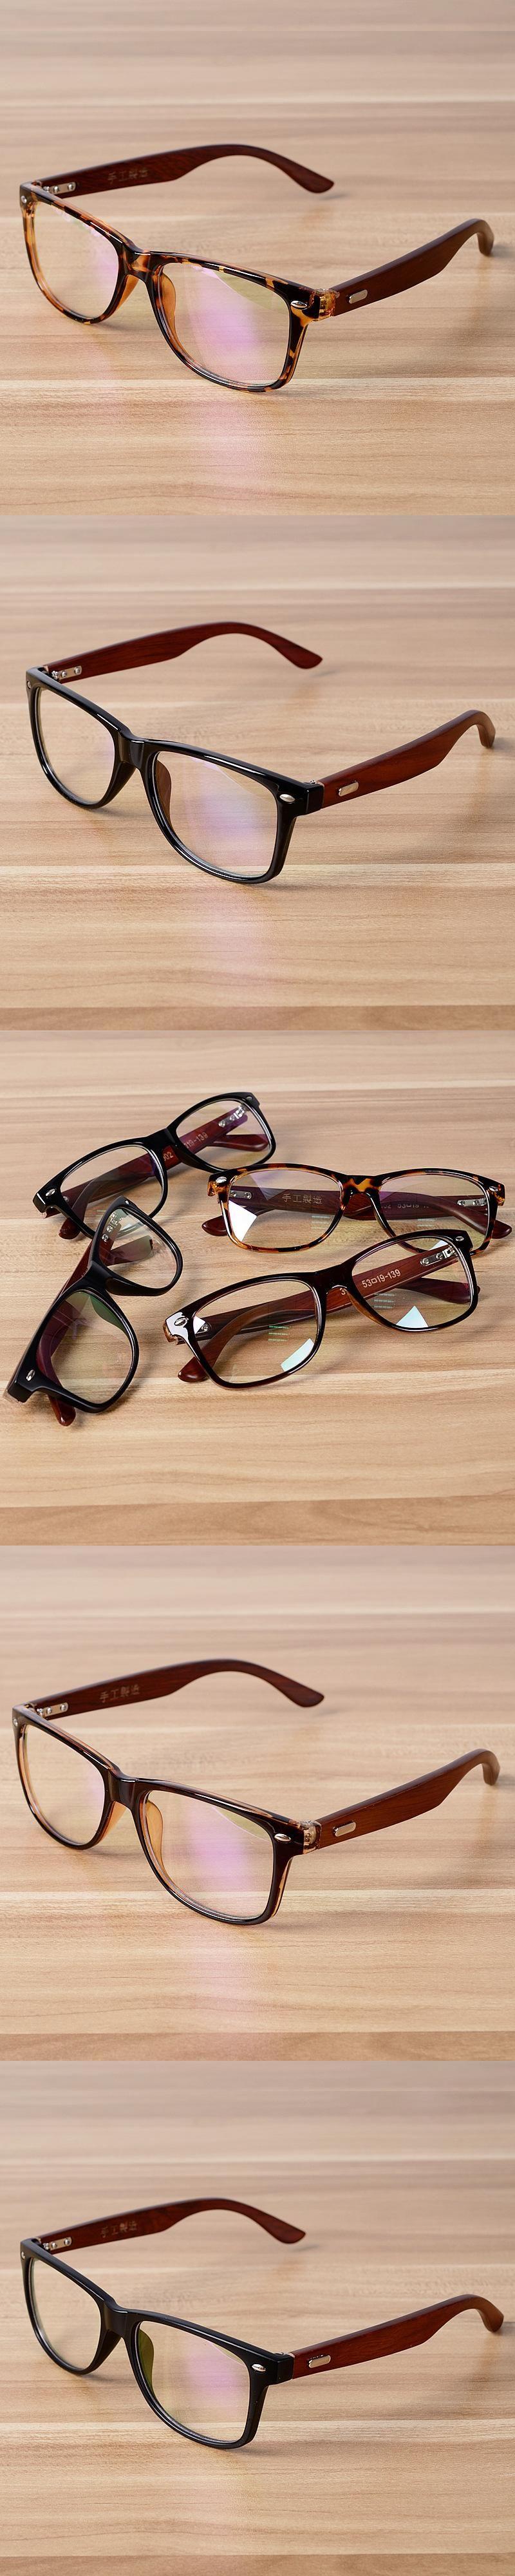 87dc0599f1f Korean Glasses Frame Clear Lens Optical Frames Vintage Eyeglasses Wooden  Bamboo Brown Leopard Eyewear Frames Spectacle